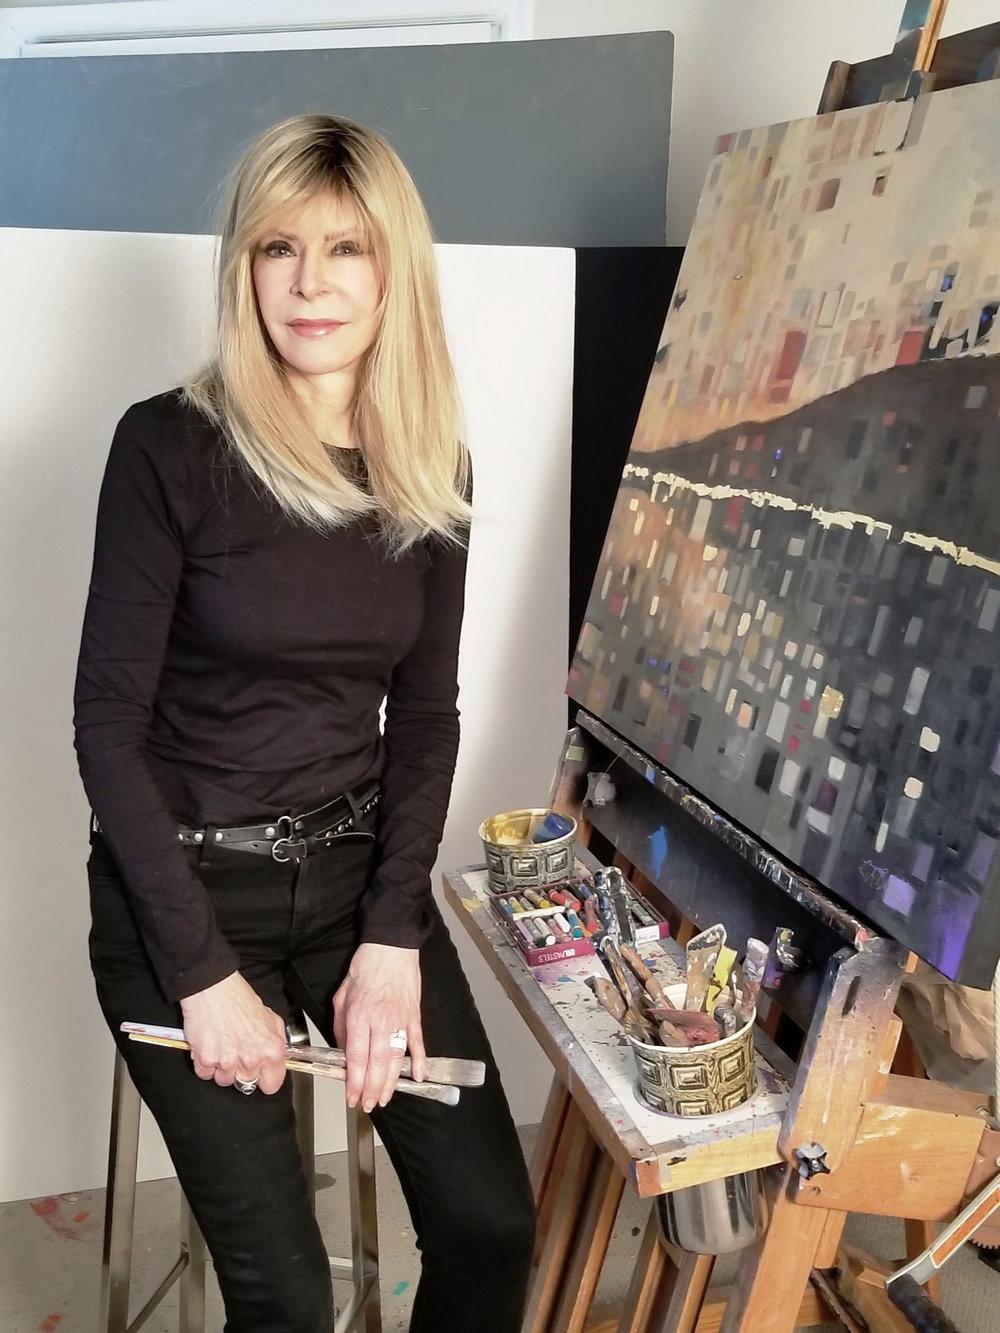 New UGallery artist, Leslie Ann Butler in her studio.